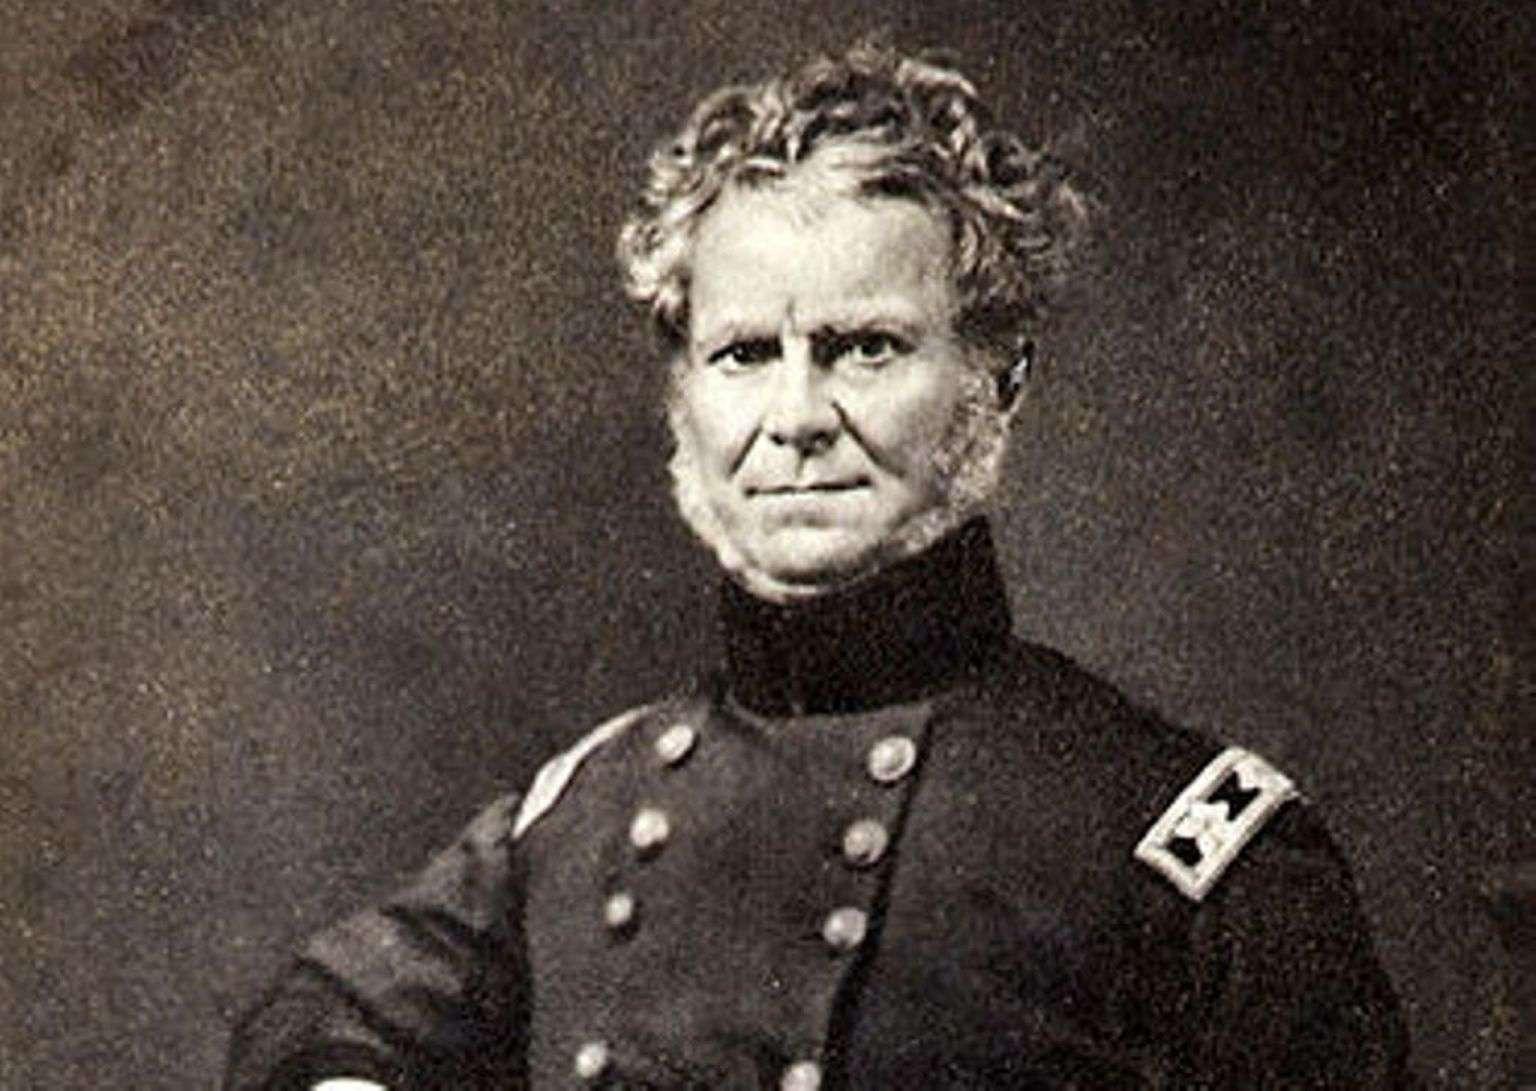 Major General William Worth in blue U.S. Army uniform.